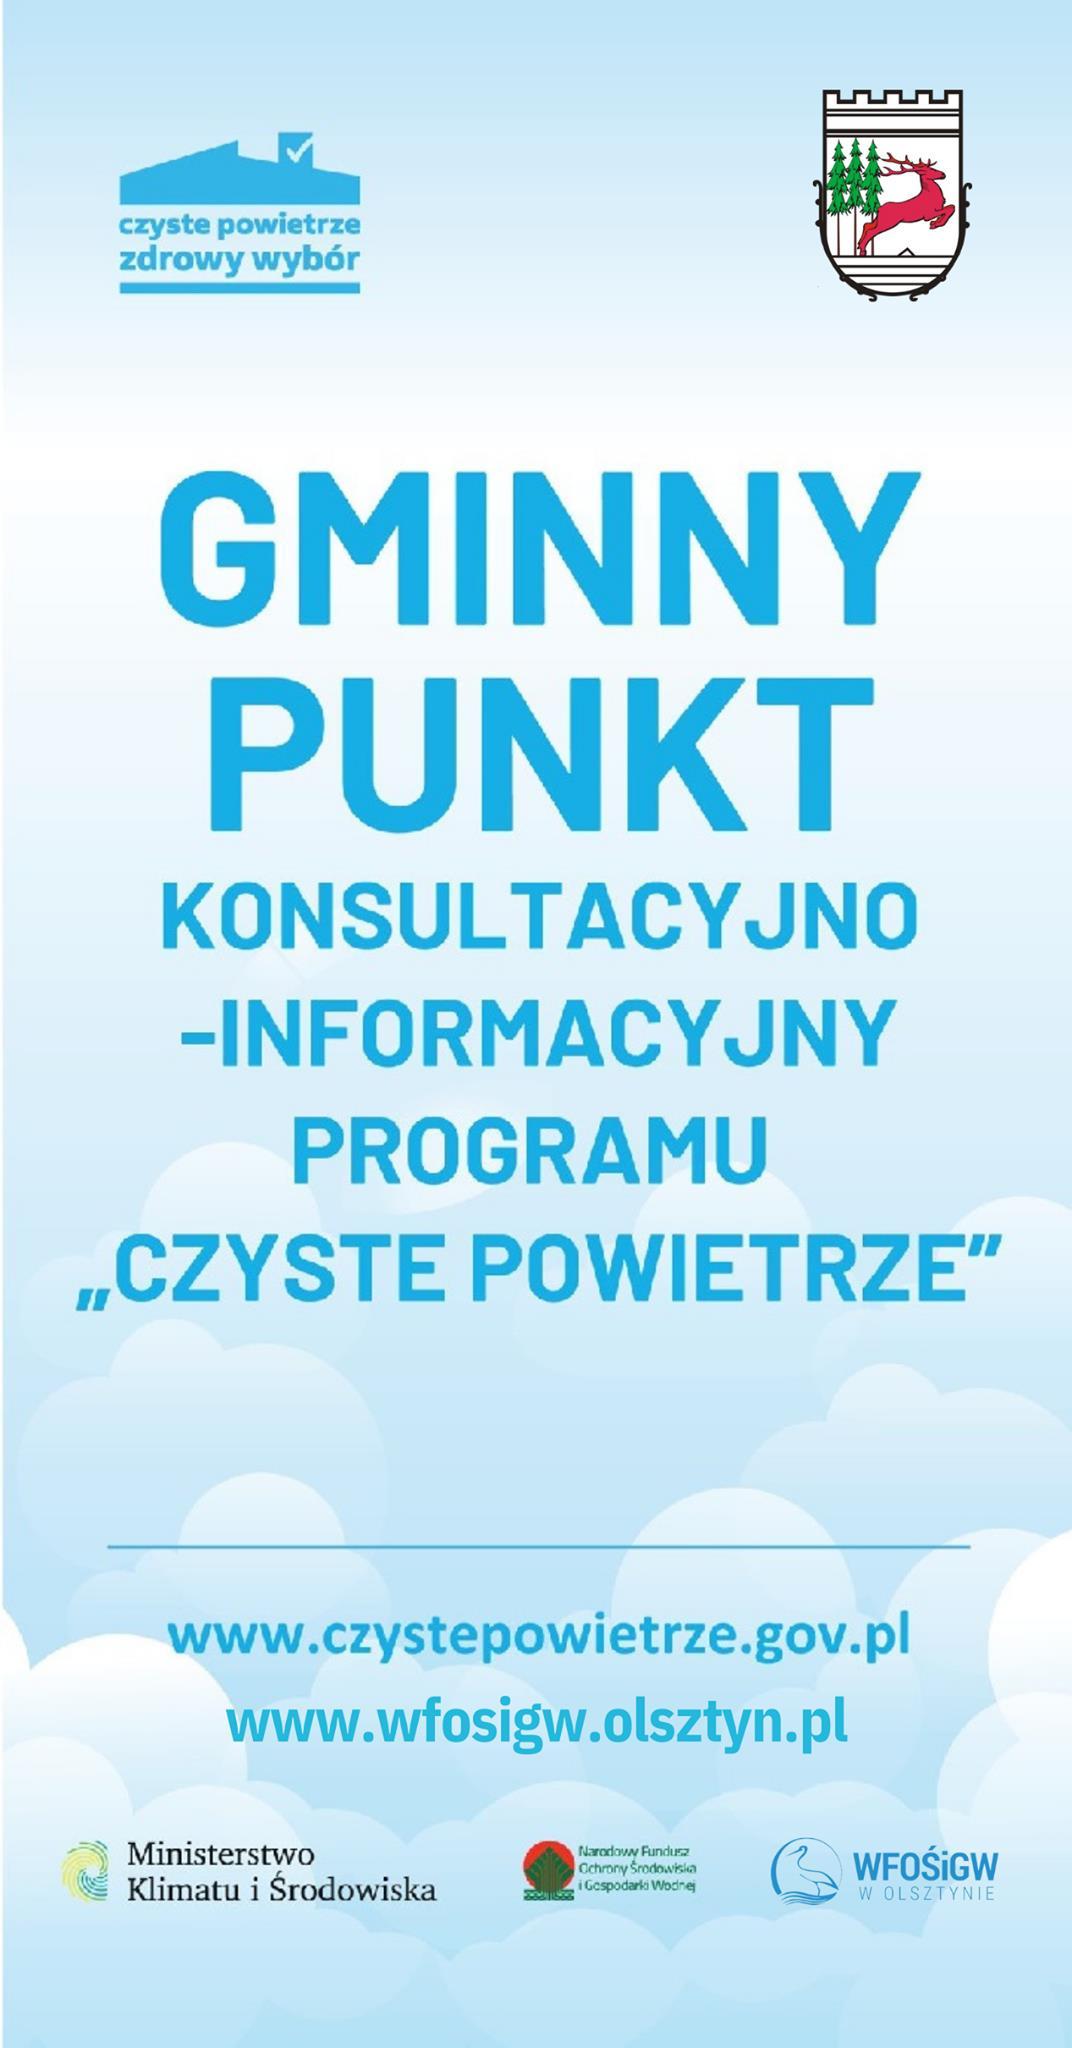 https://m.powiatszczycienski.pl/2021/09/orig/241641423-4115853391858418-8031178873468517849-n-43218.jpg